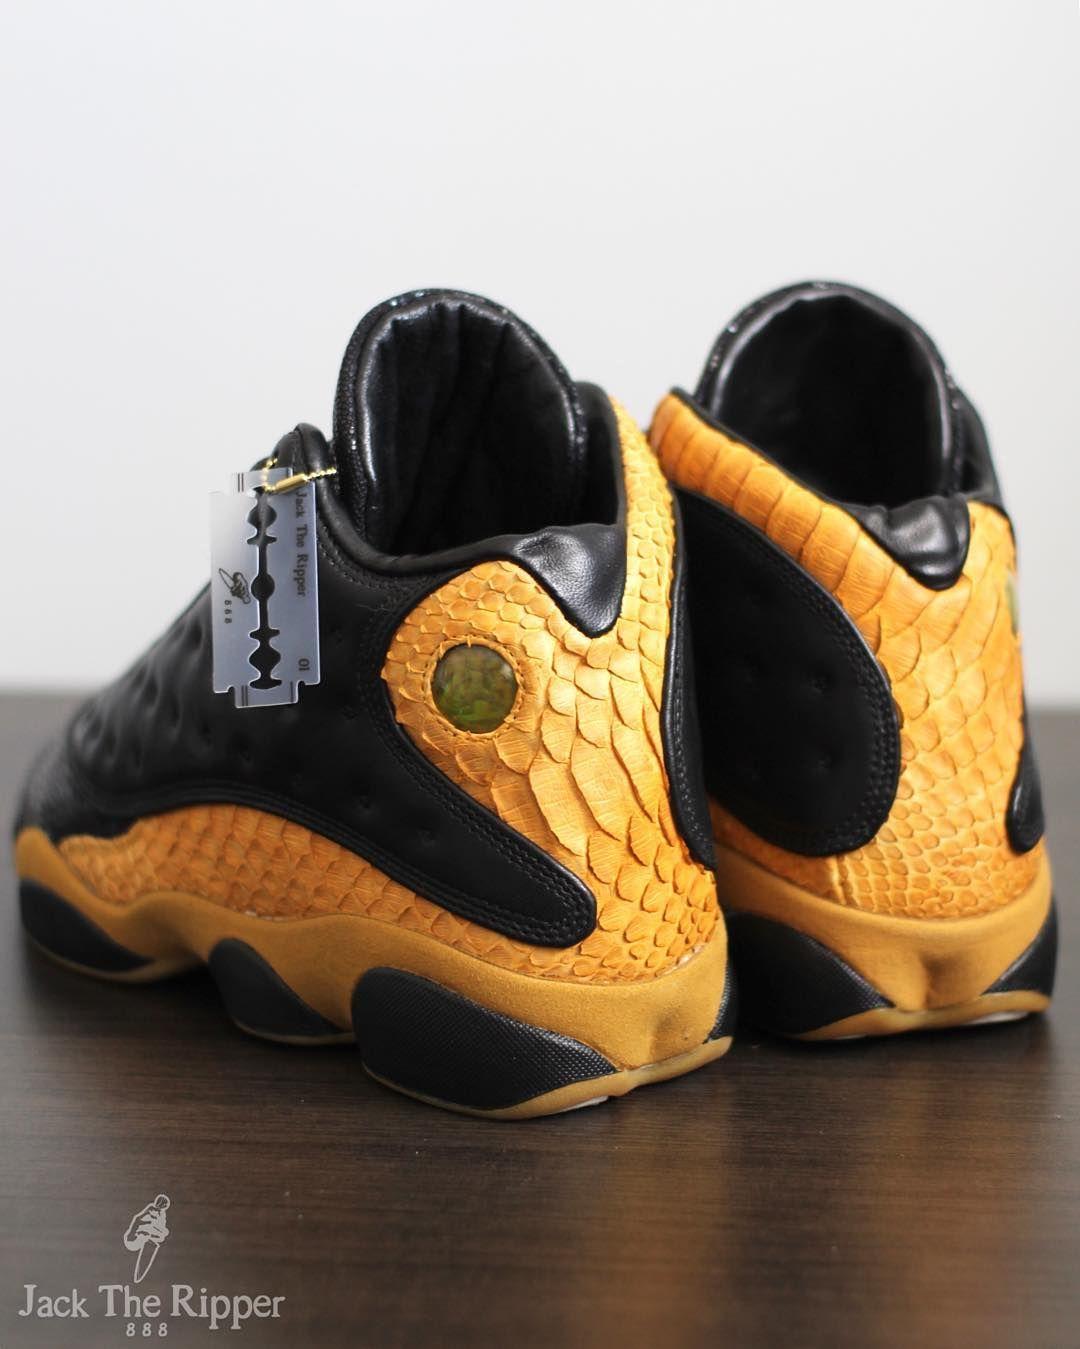 brand new 5b920 5c247 Tenis, Moda Masculina, Zapatillas Jordan Retro, Calzado, Zapatos,  Baloncesto, Air